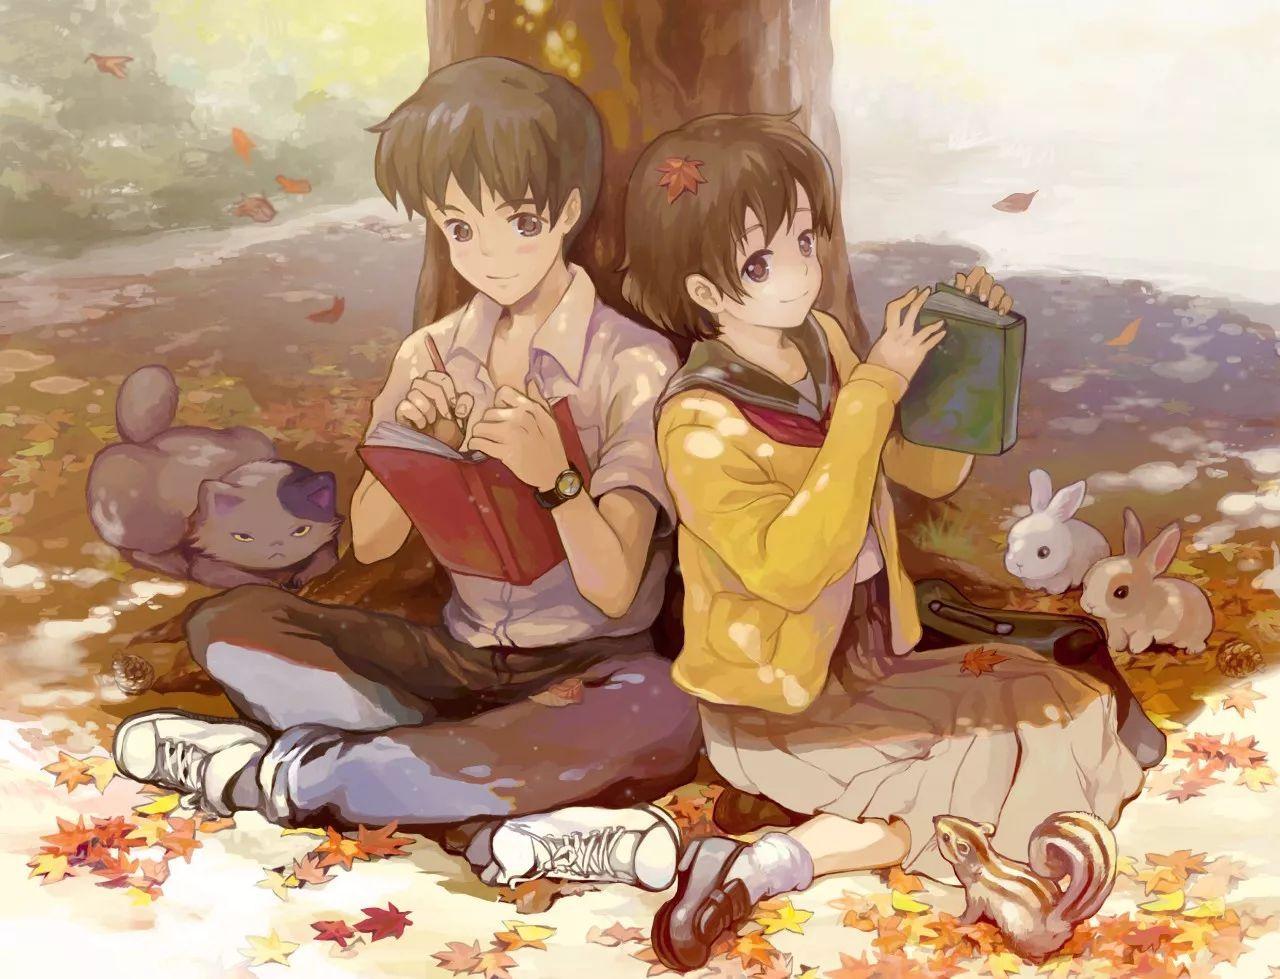 宫崎骏的动漫作品图片